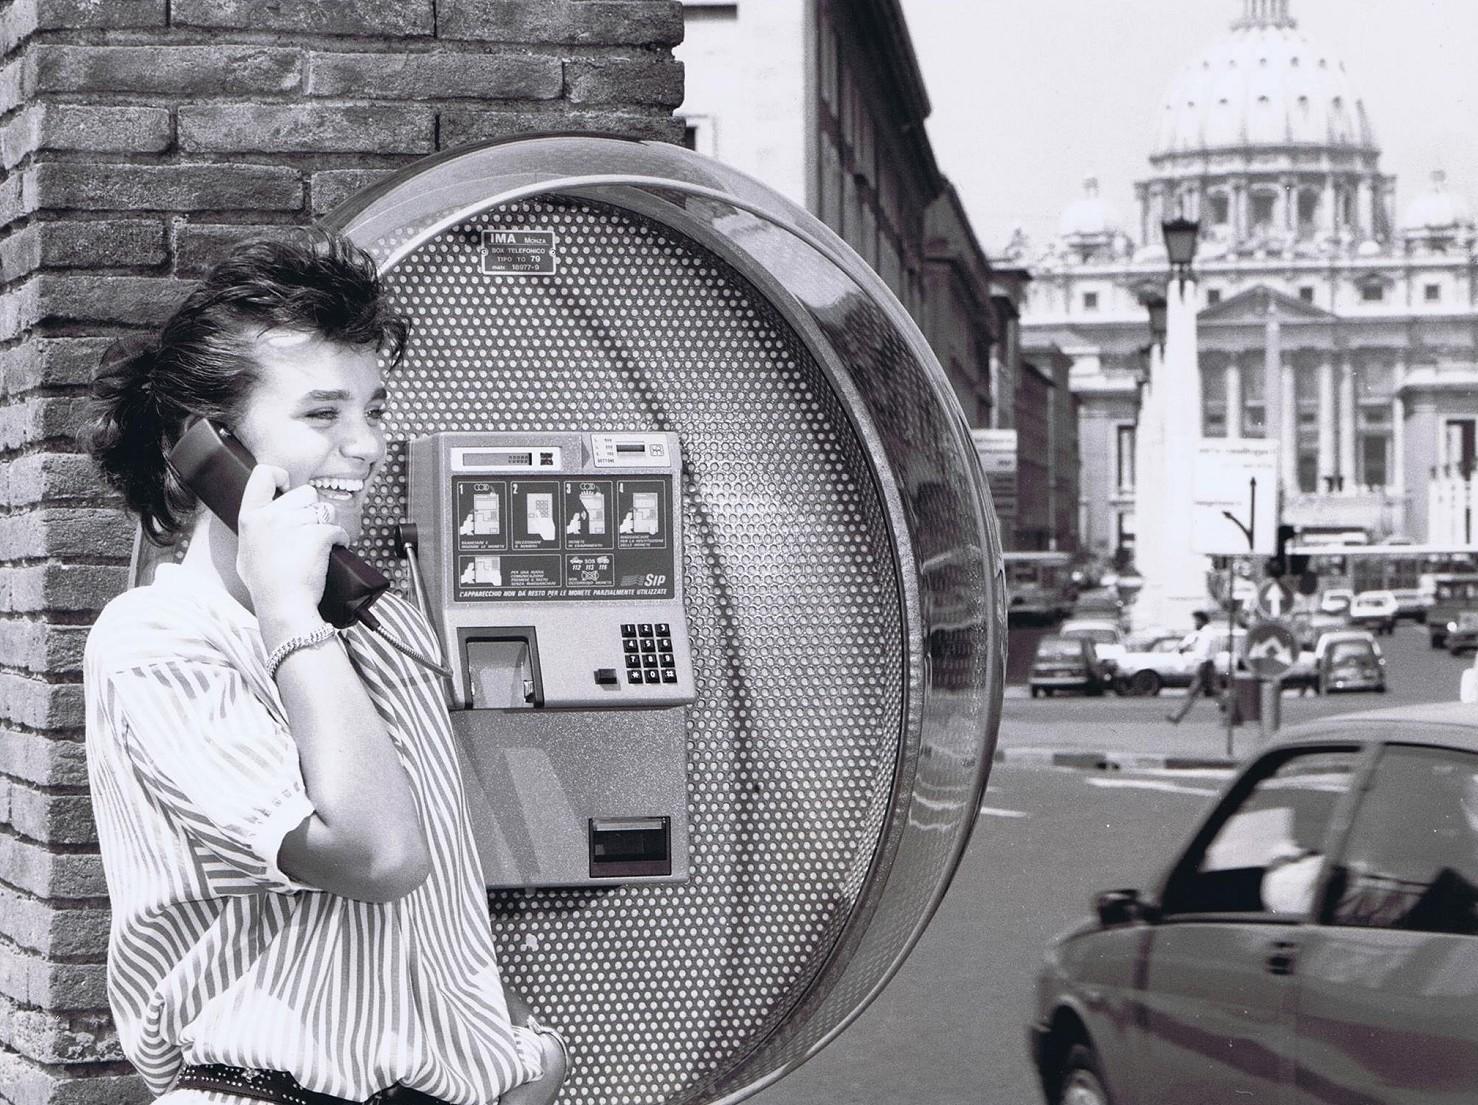 Scherzi telefonici, come rintracciare e scoprire chi è stato